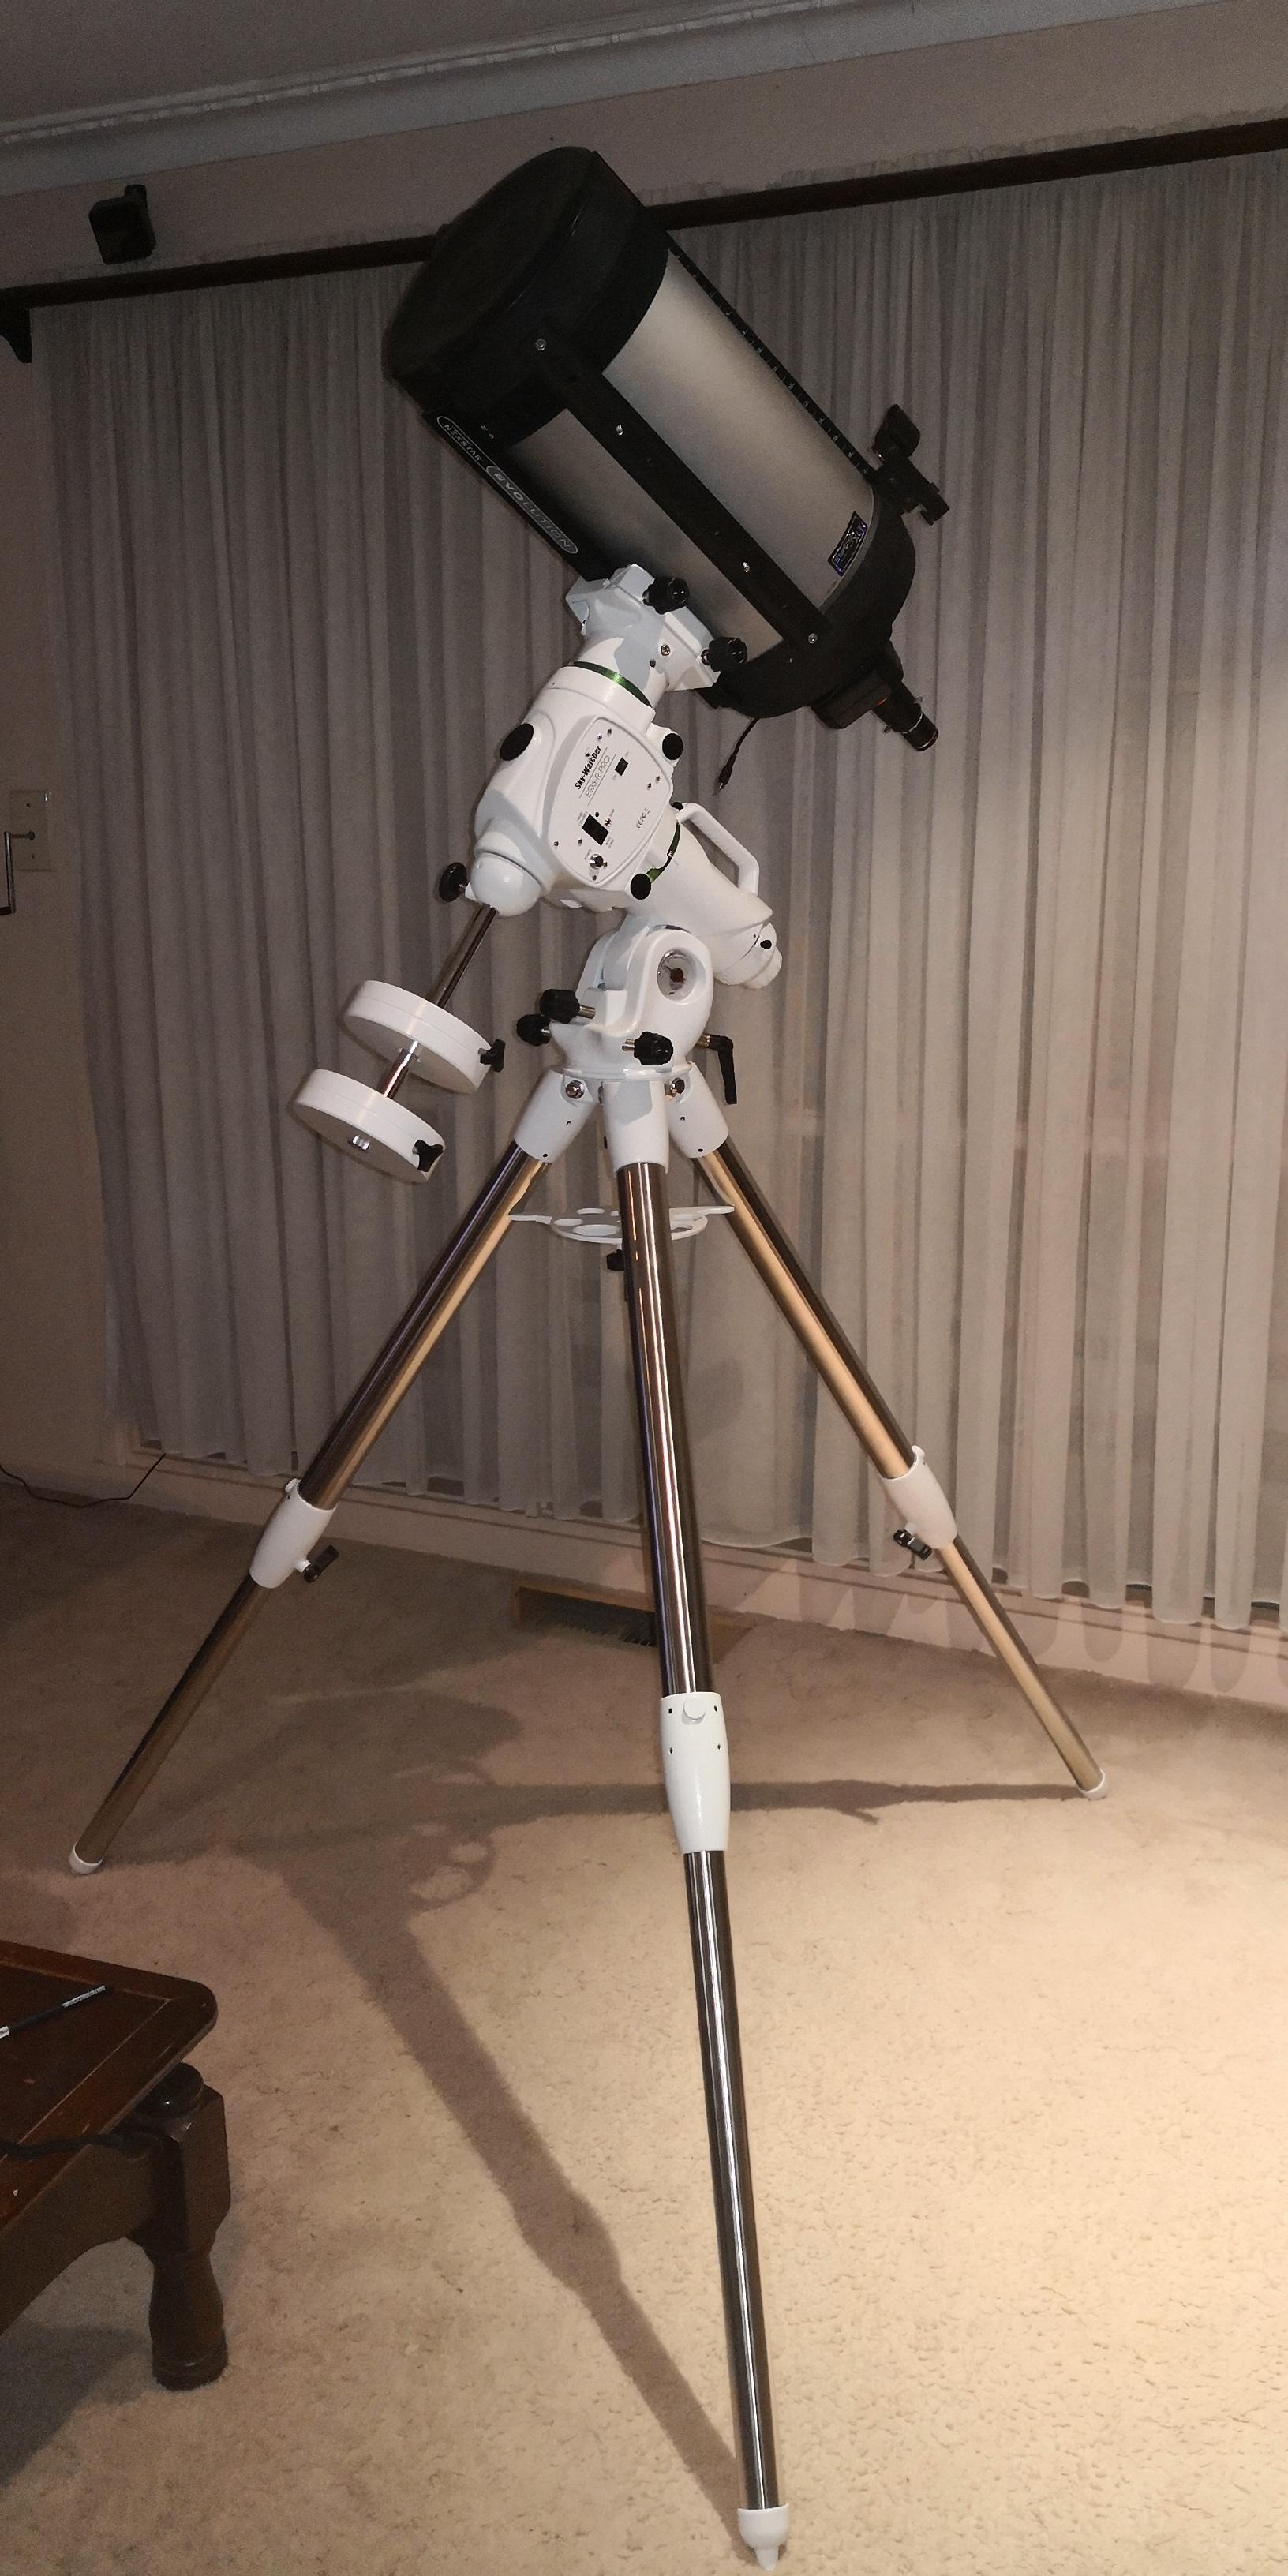 My gear 4 New EQ6t Pro mount